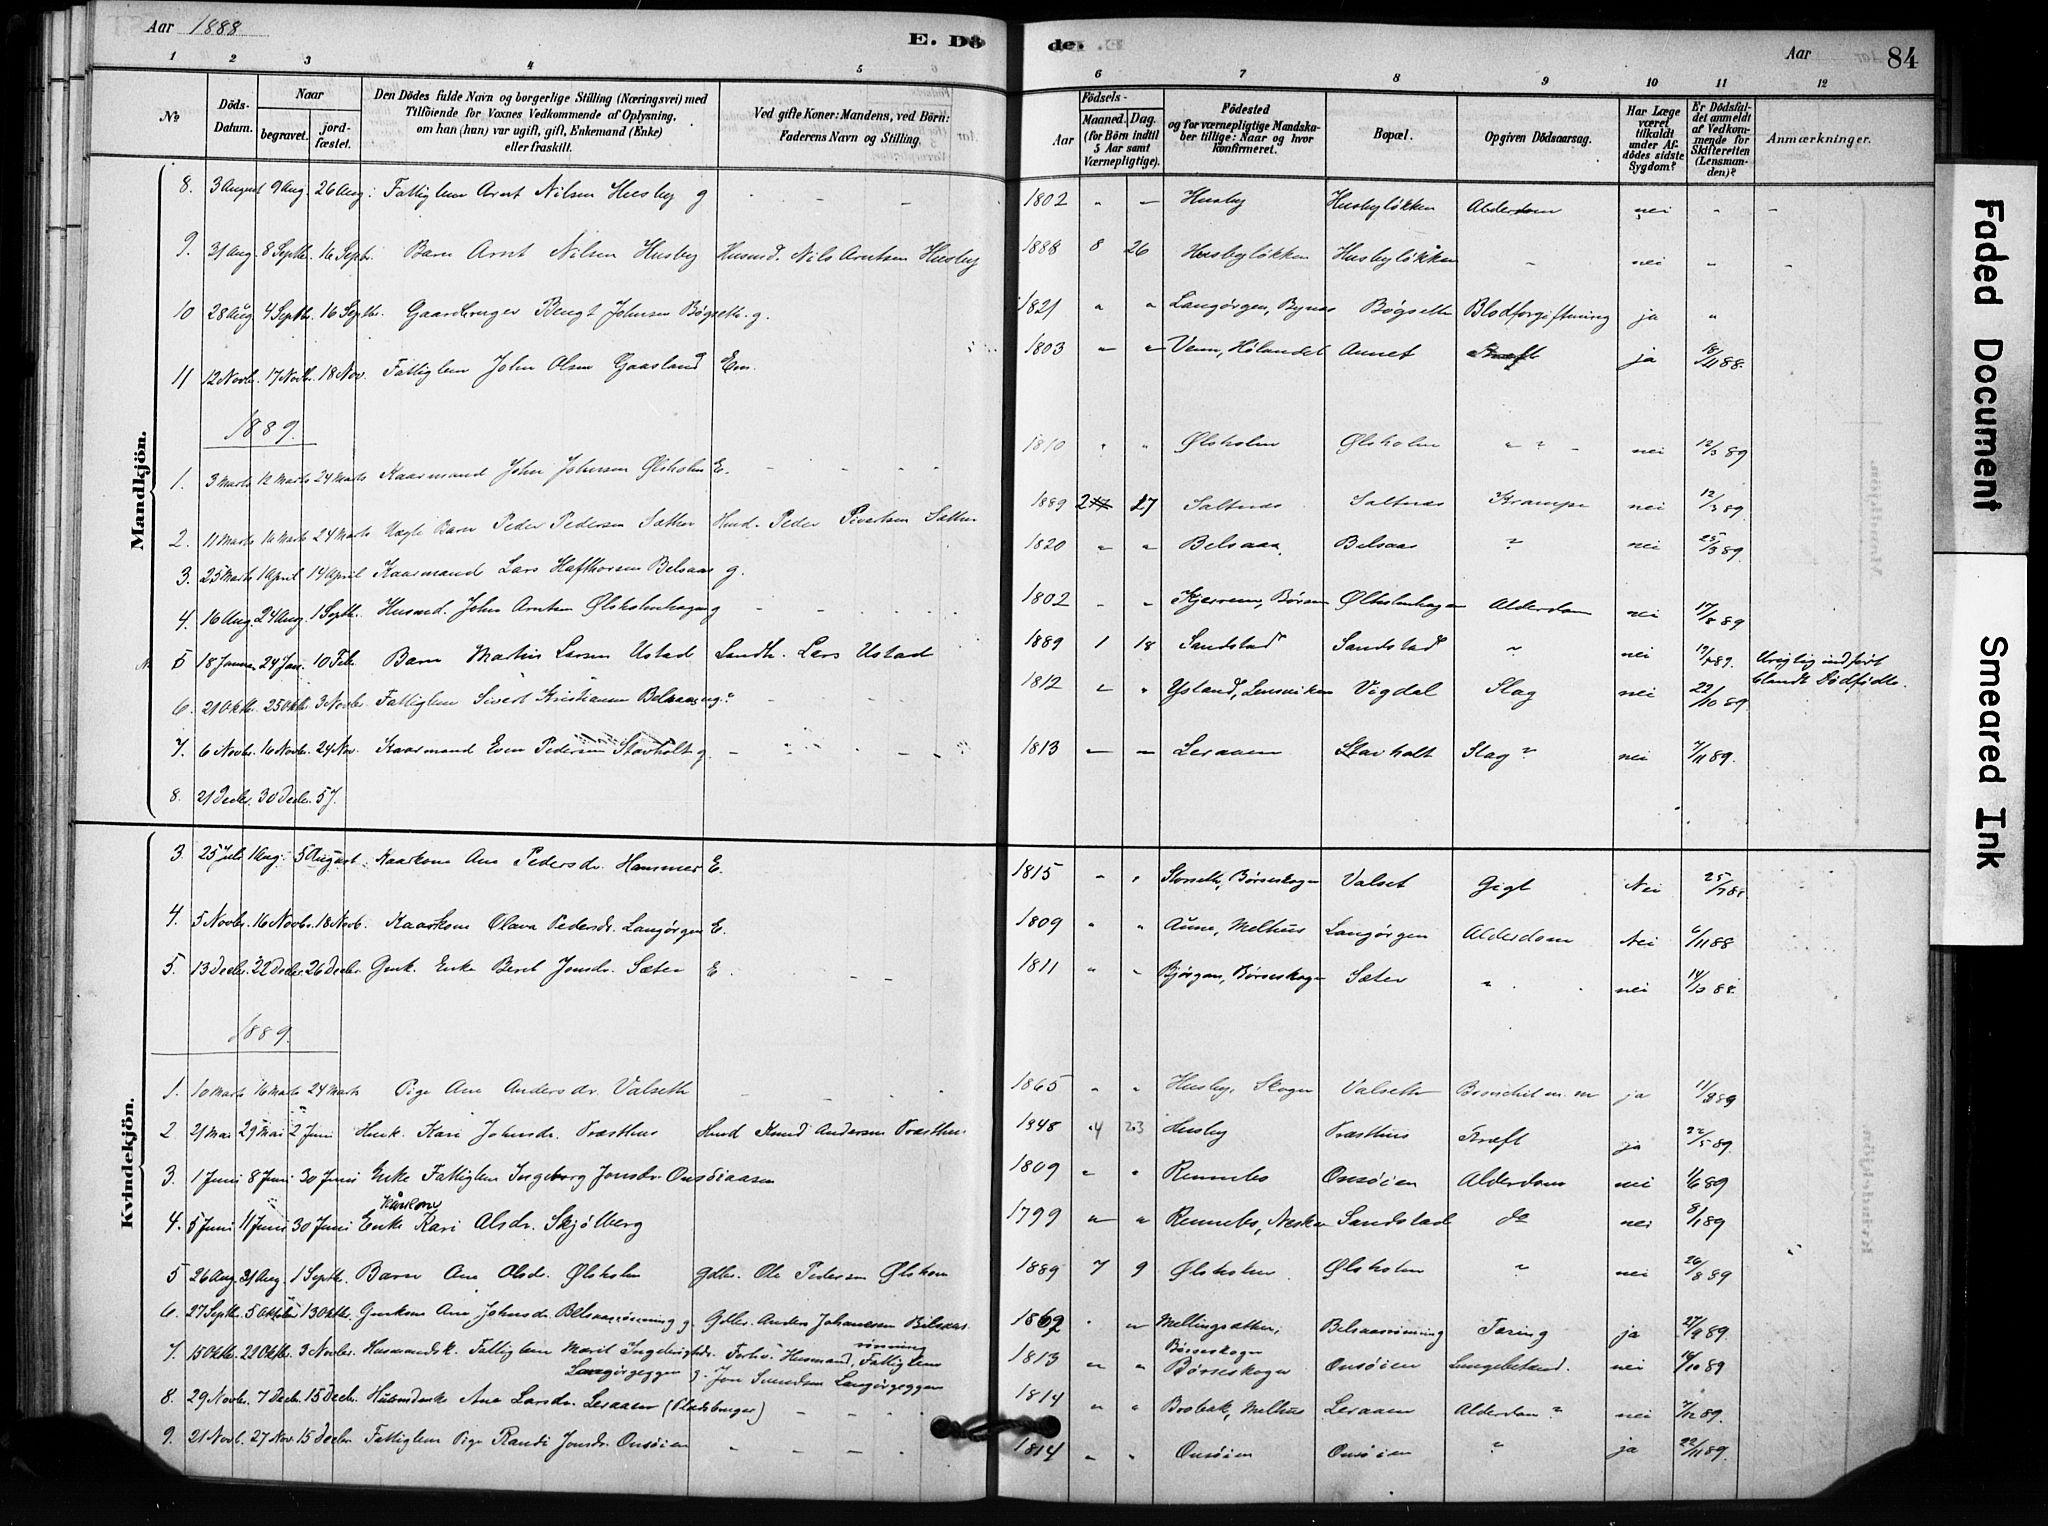 SAT, Ministerialprotokoller, klokkerbøker og fødselsregistre - Sør-Trøndelag, 666/L0786: Ministerialbok nr. 666A04, 1878-1895, s. 84